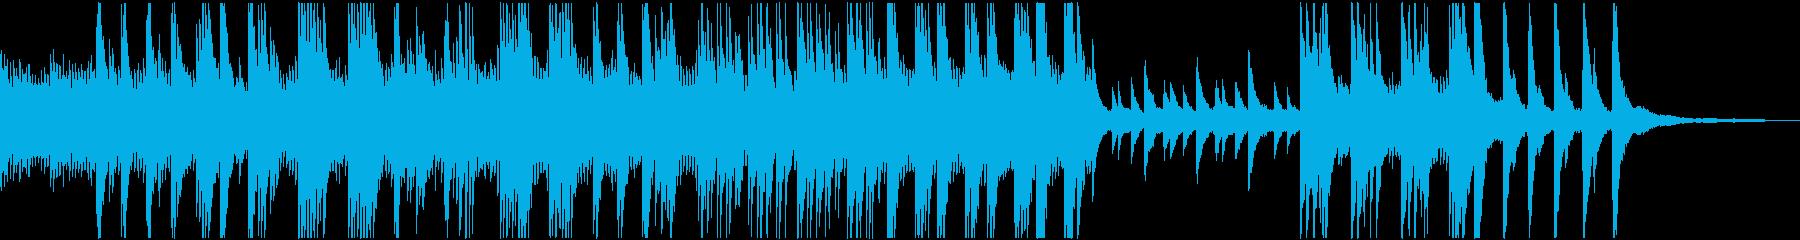 ピアノソロの穏やかな曲です_01の再生済みの波形